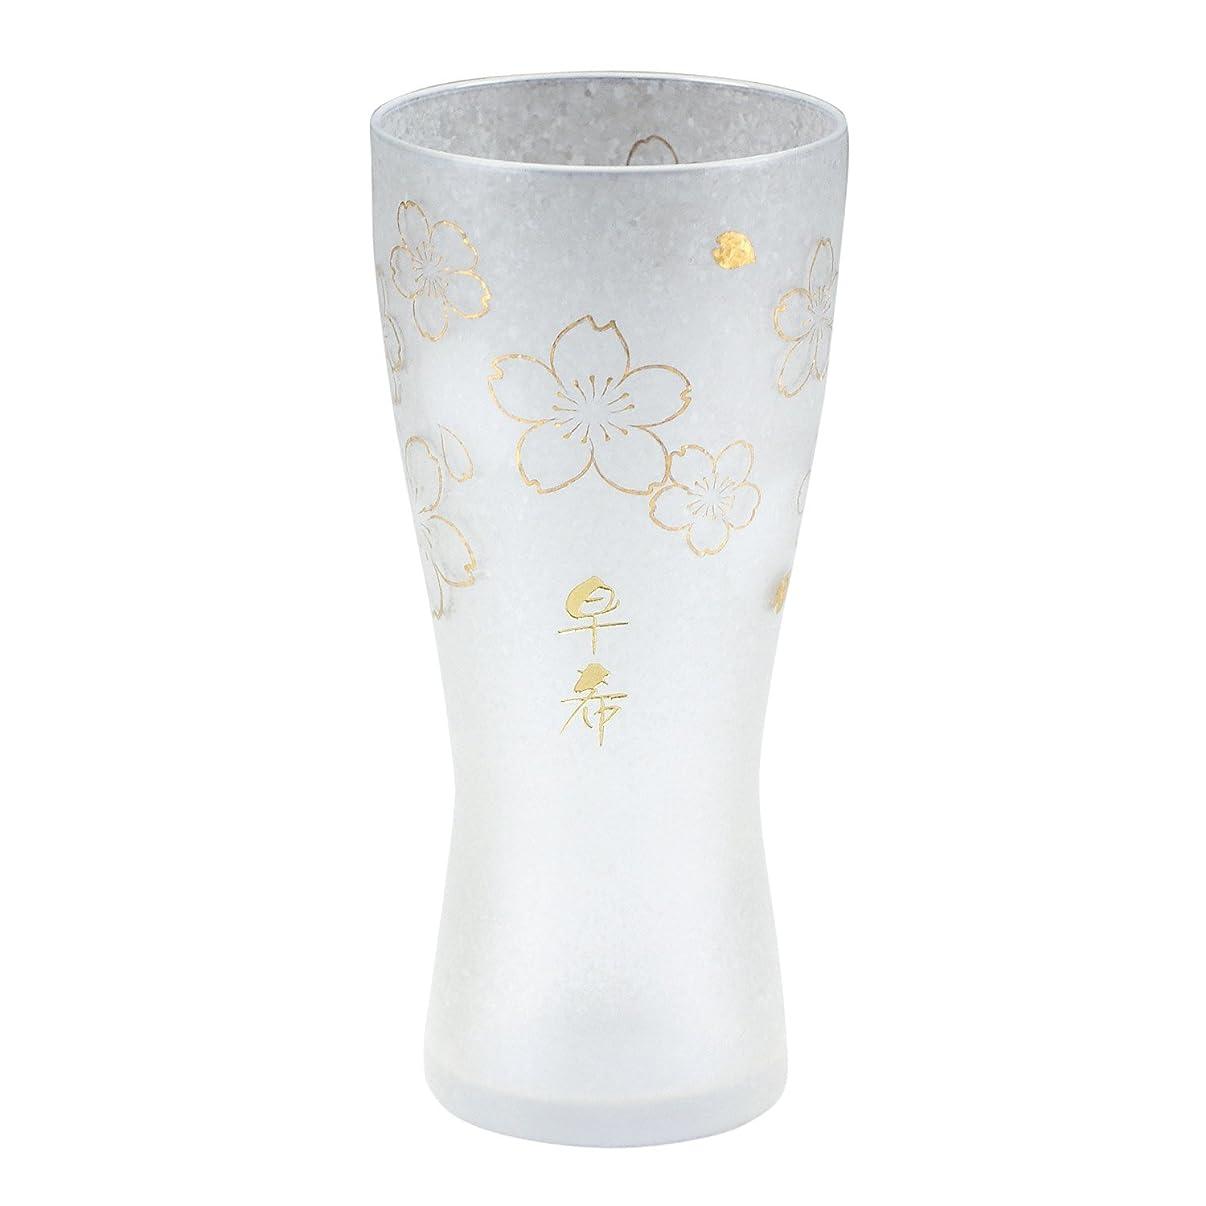 おもしろい報酬のトーストきざむ 名入れ グラス うたかた桜 タンブラー Mサイズ 310ml ギフト